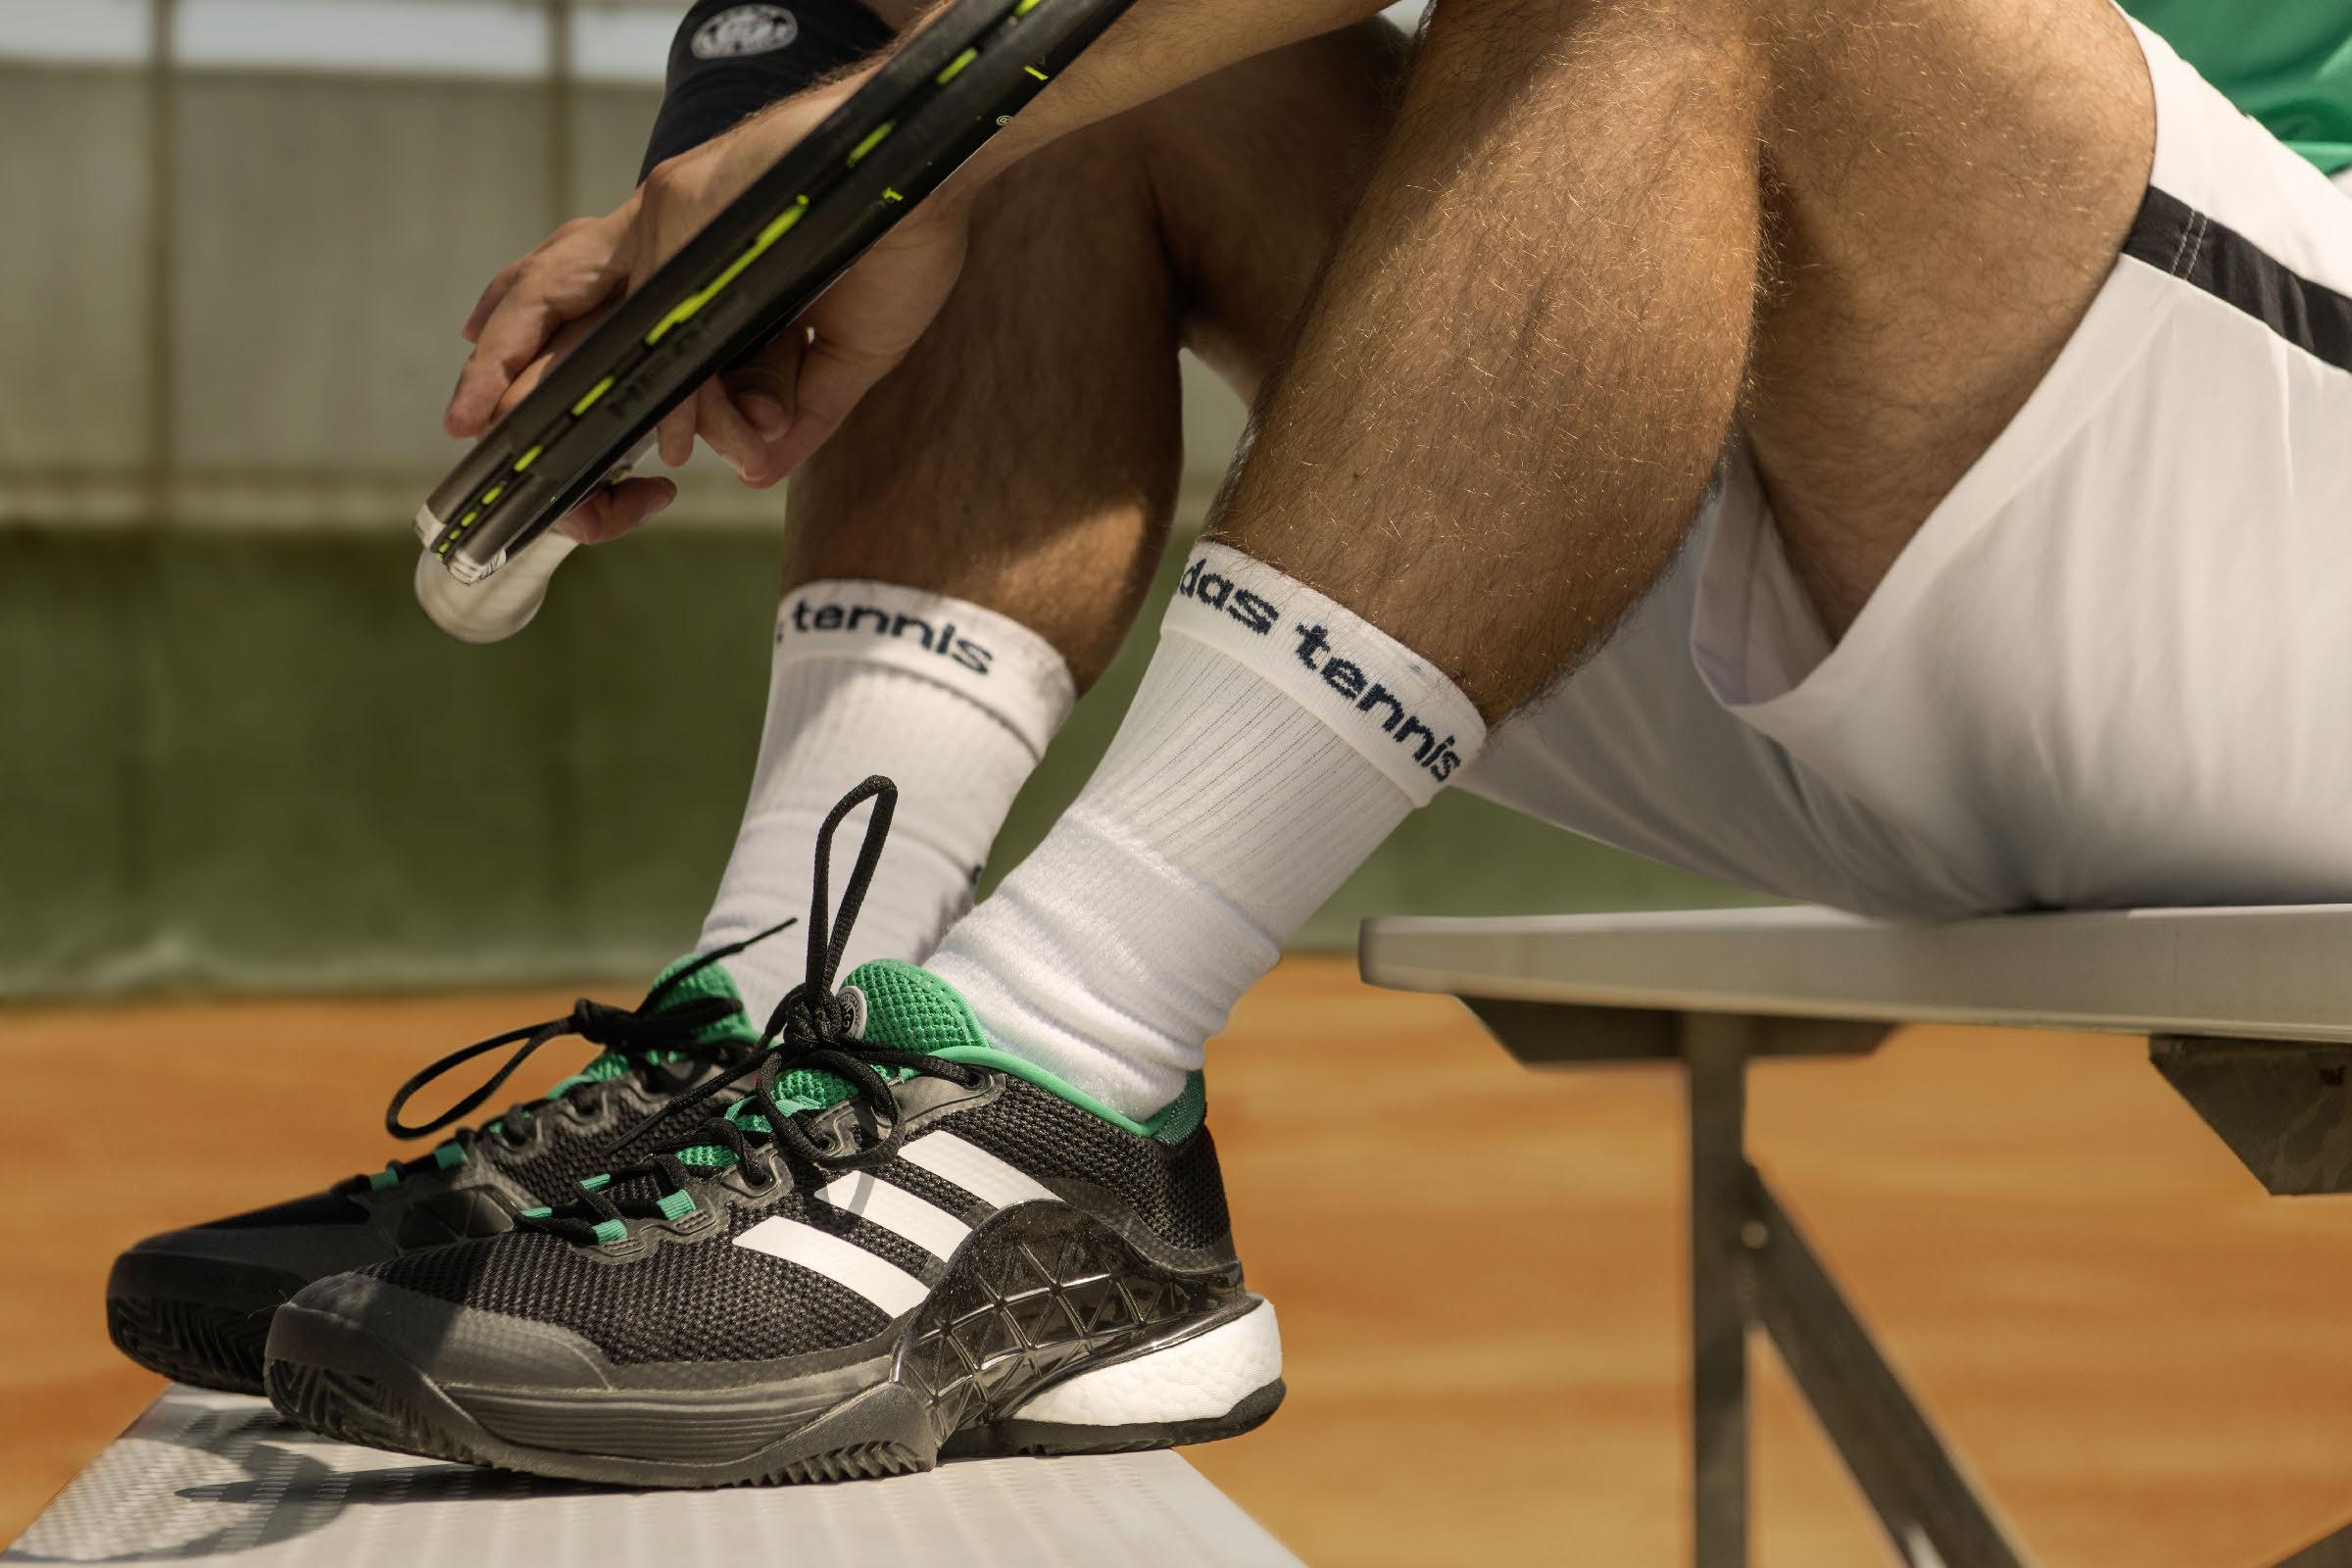 Les Tsonga Berdych adidas Pouille Roland tenues Thiem pour zqtrvwq